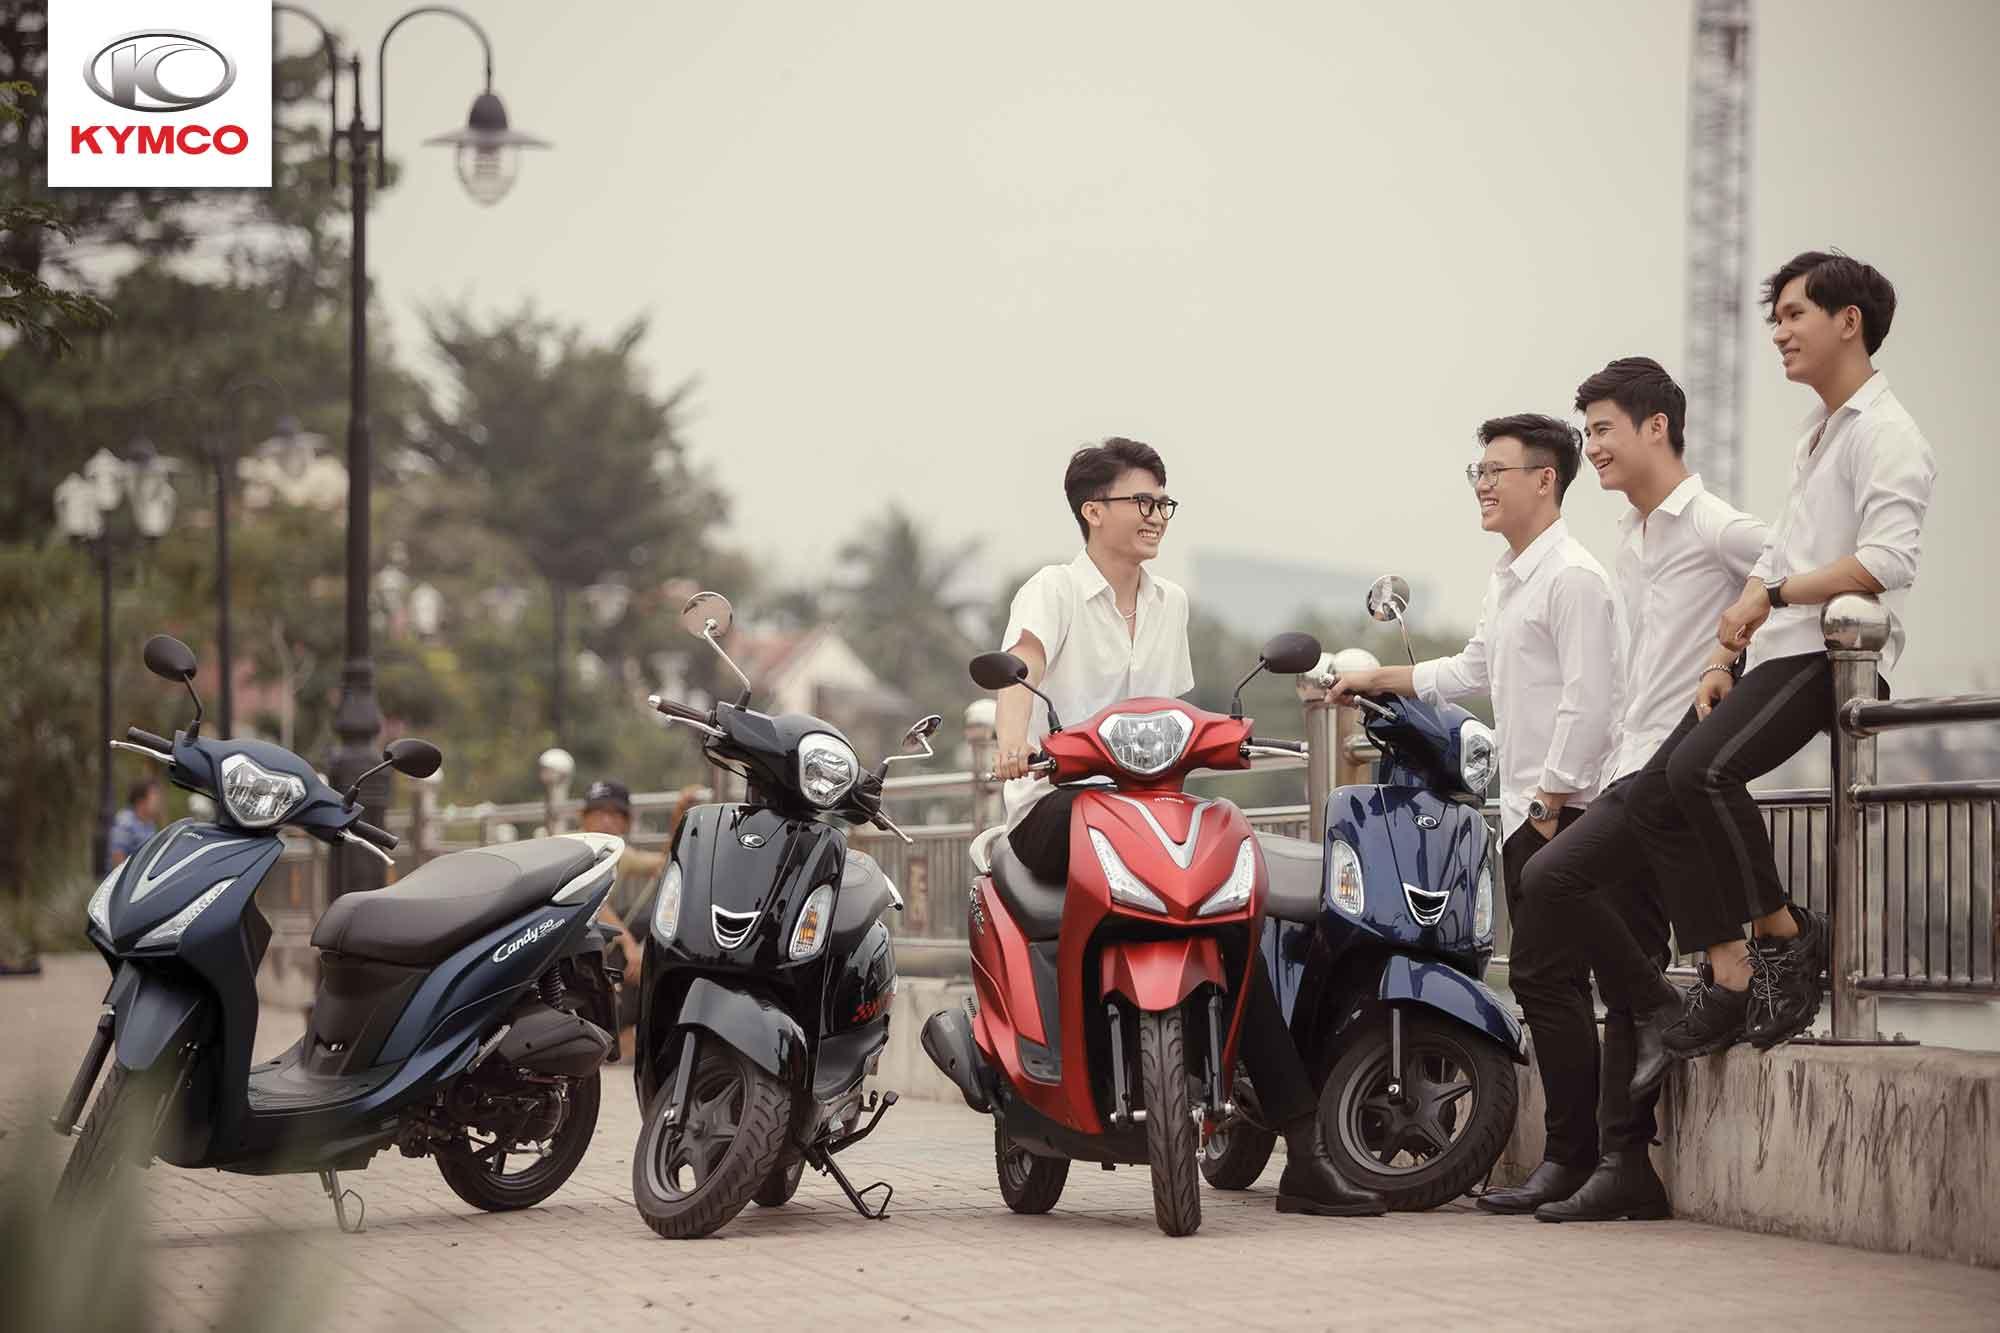 Dòng xe máy 50cc có thiết kế đa dạng trẻ trung